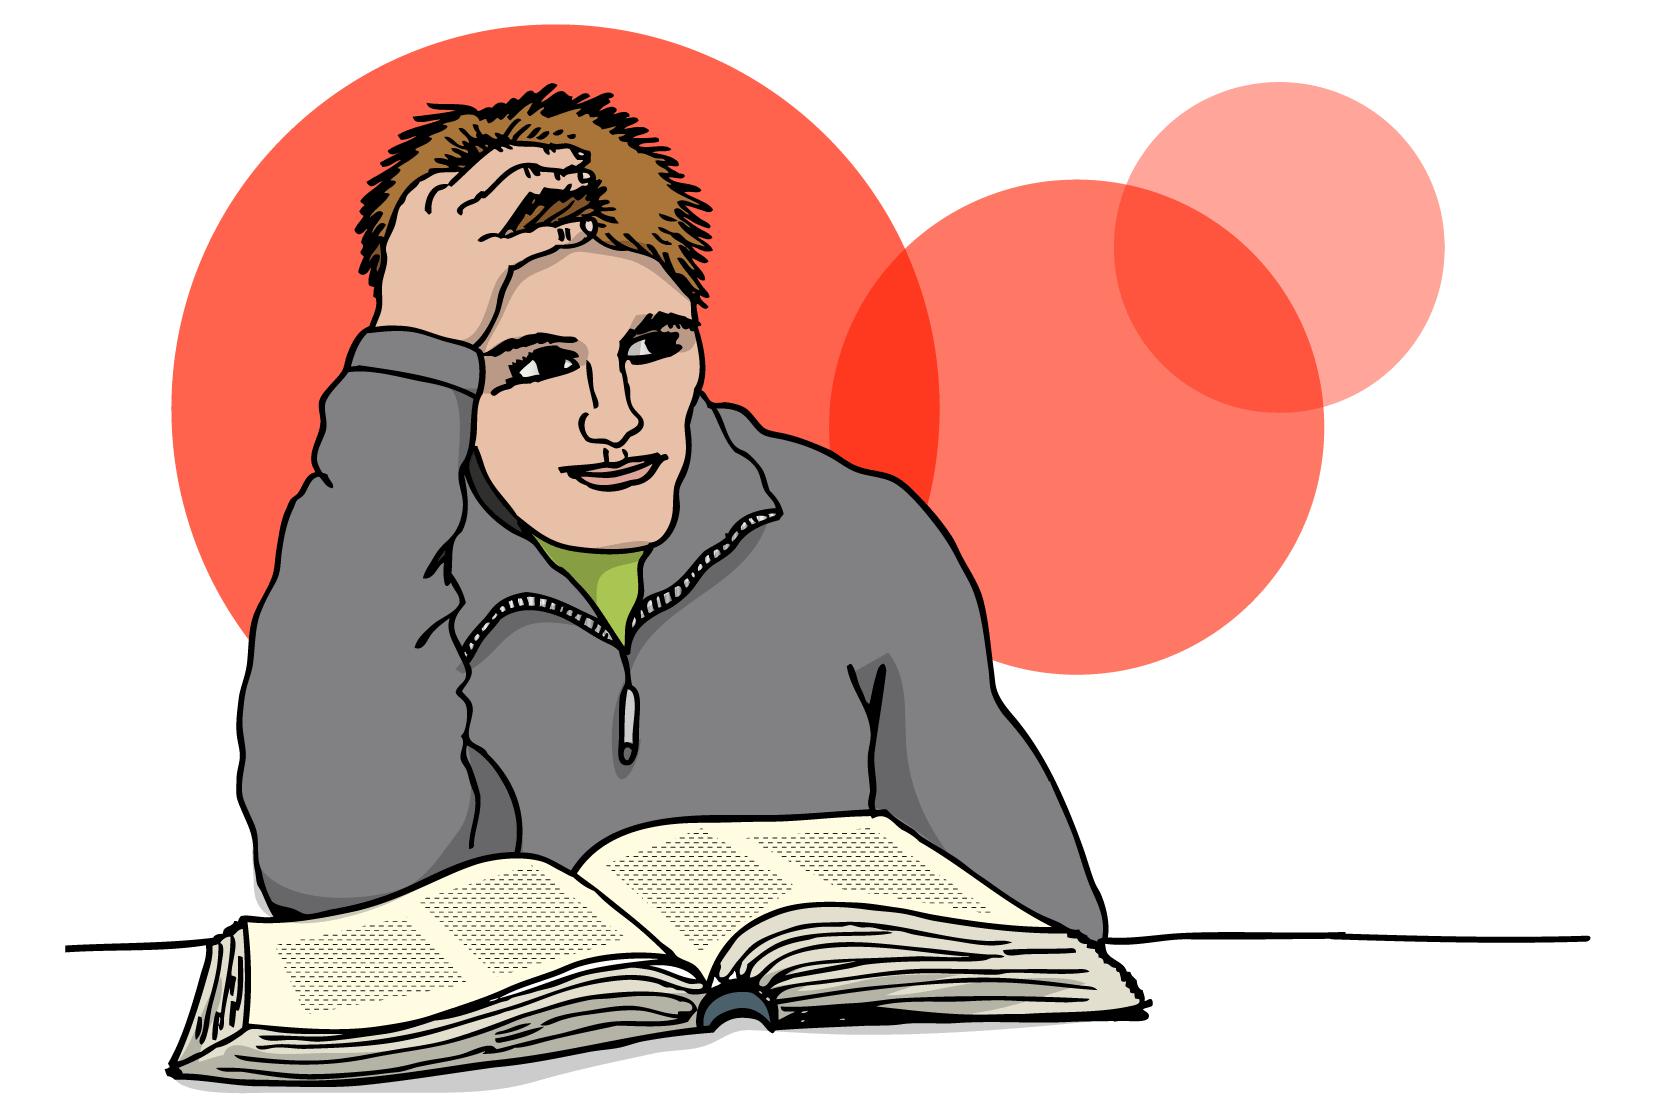 En person sitter och tänker. Illustration.